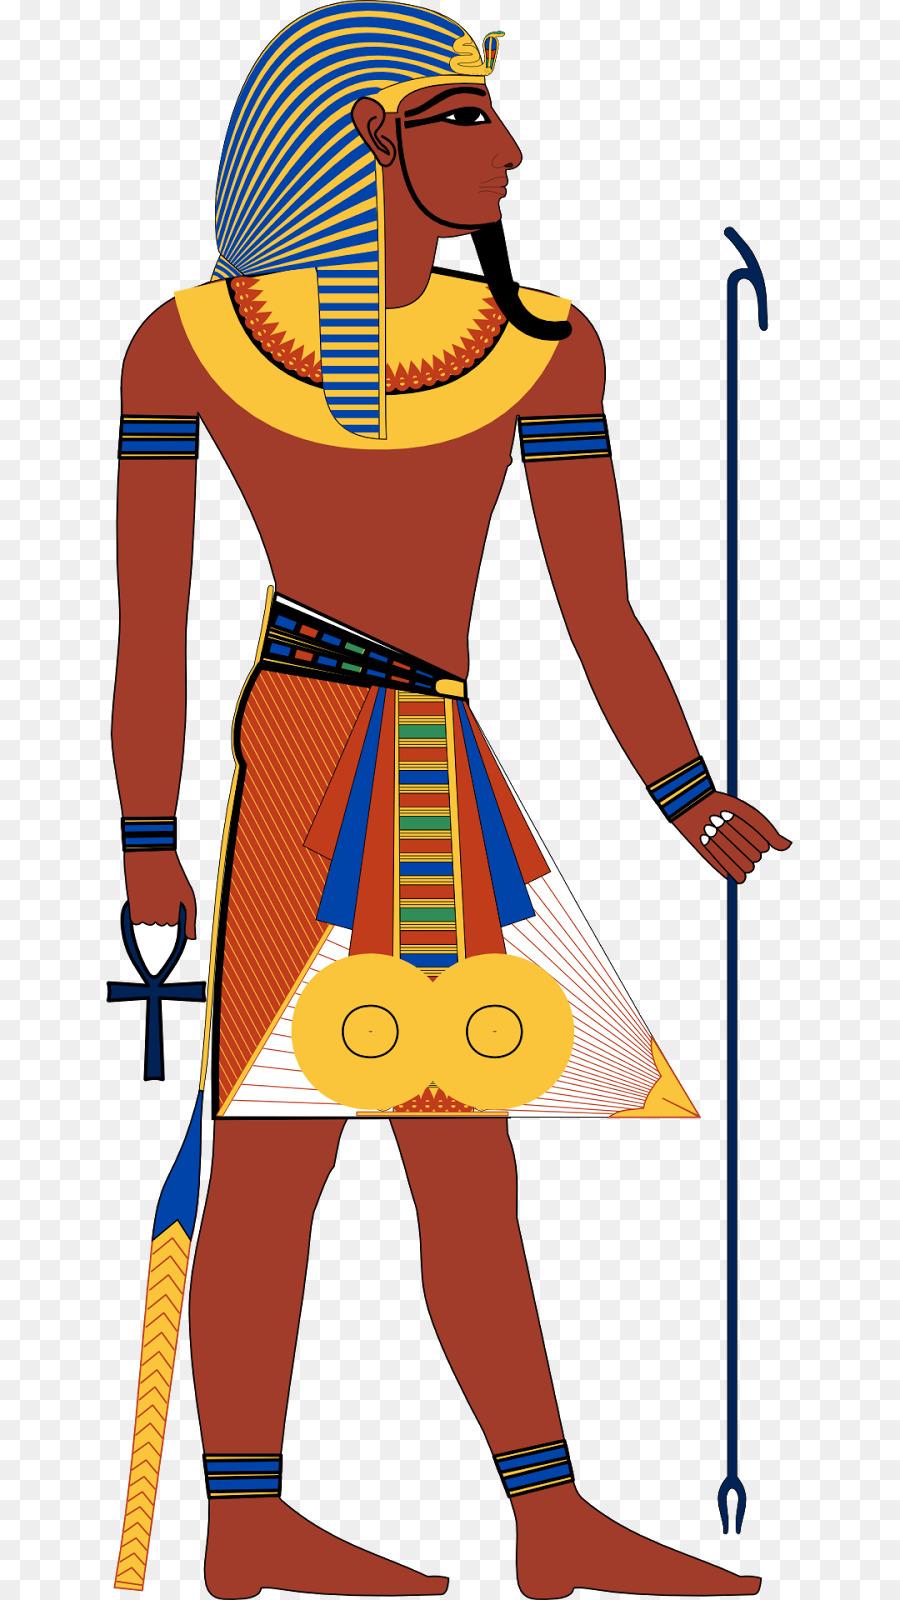 картинка фараона в полный рост плафона